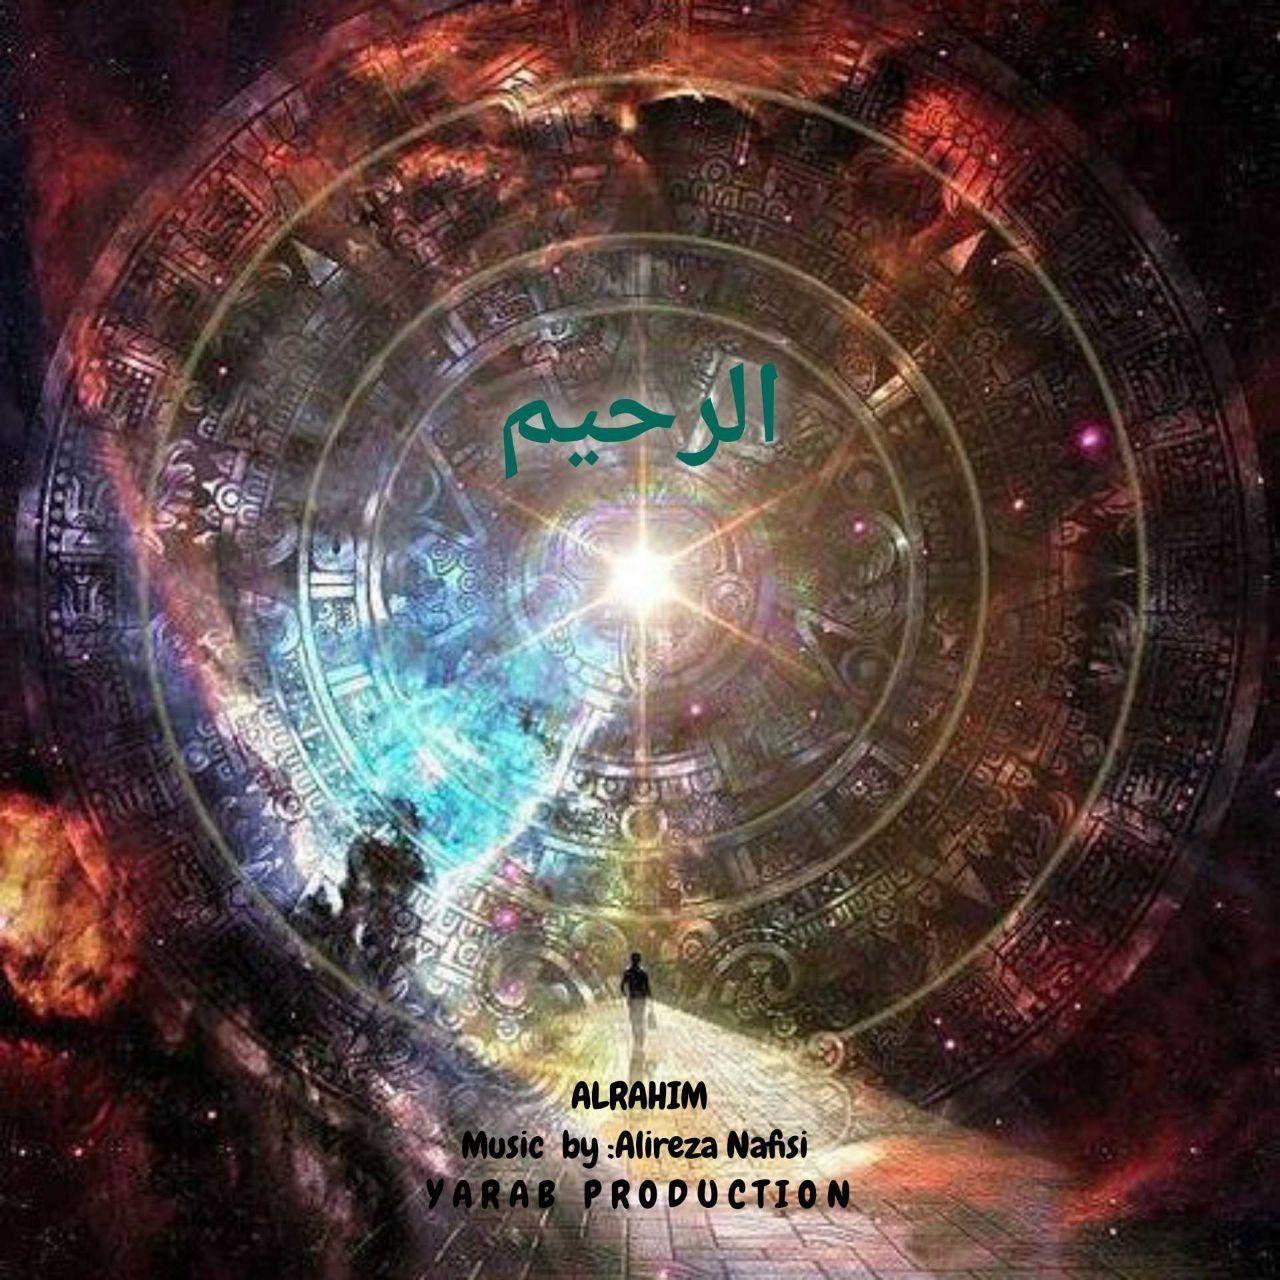 دانلود آلبوم جدید علیرضا نفیسی به نام الرحیم (یارب پروداکشن)